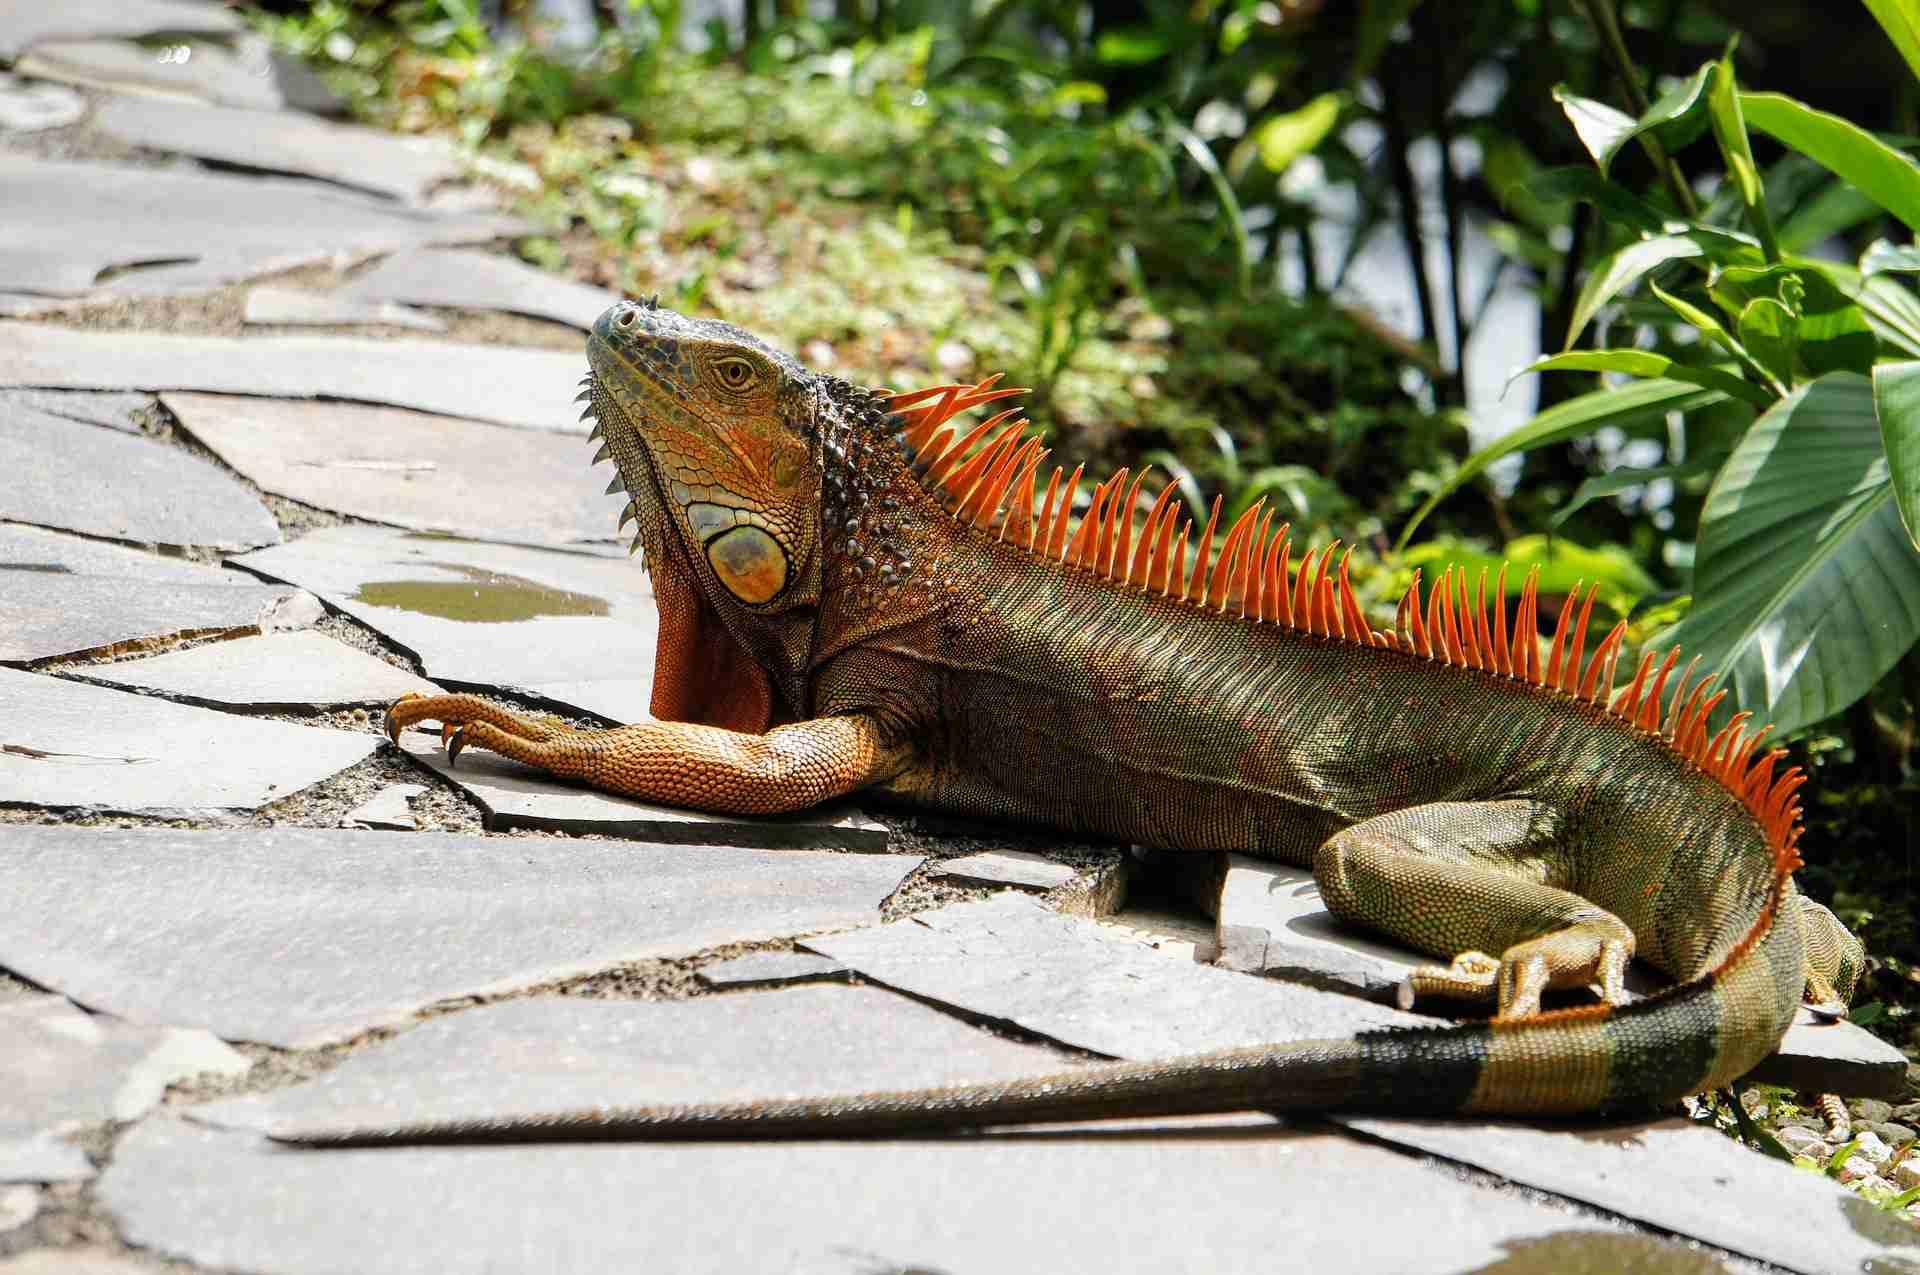 Colorful iguana sitting on rocks.